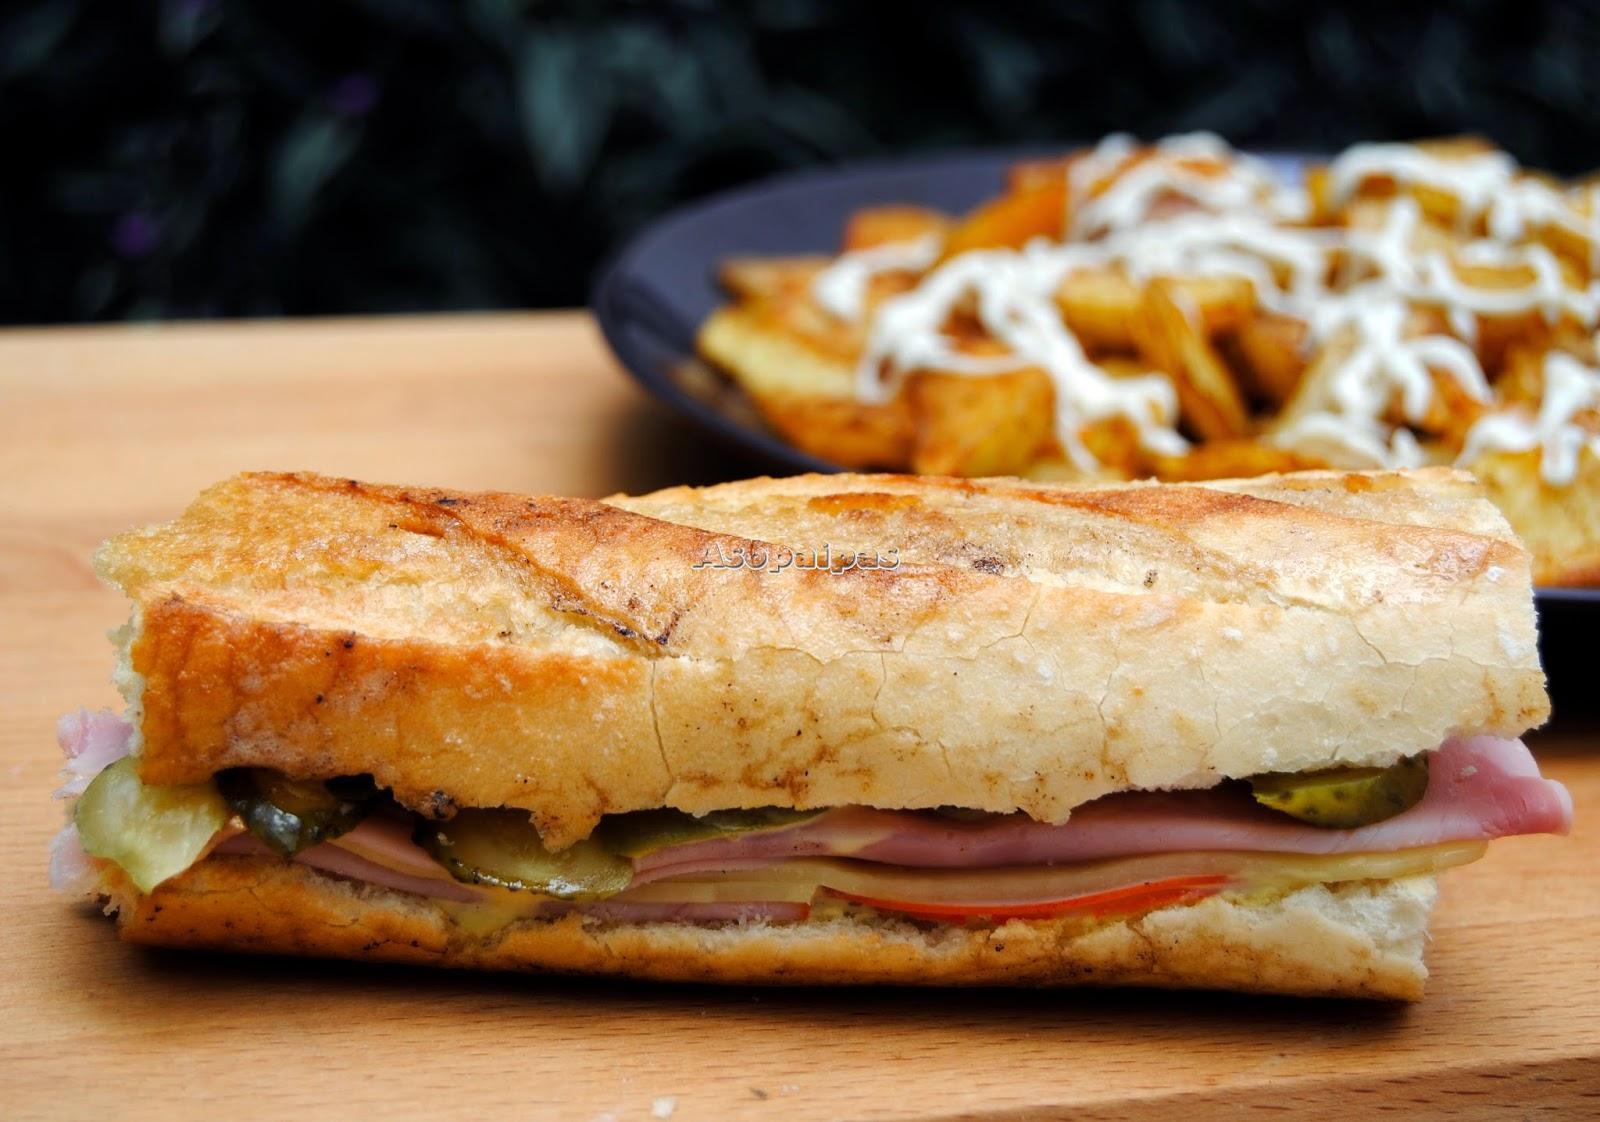 Sándwich Cubano con Pepinillo, cerdo en lonchas, jamón cocido y queso Gouda